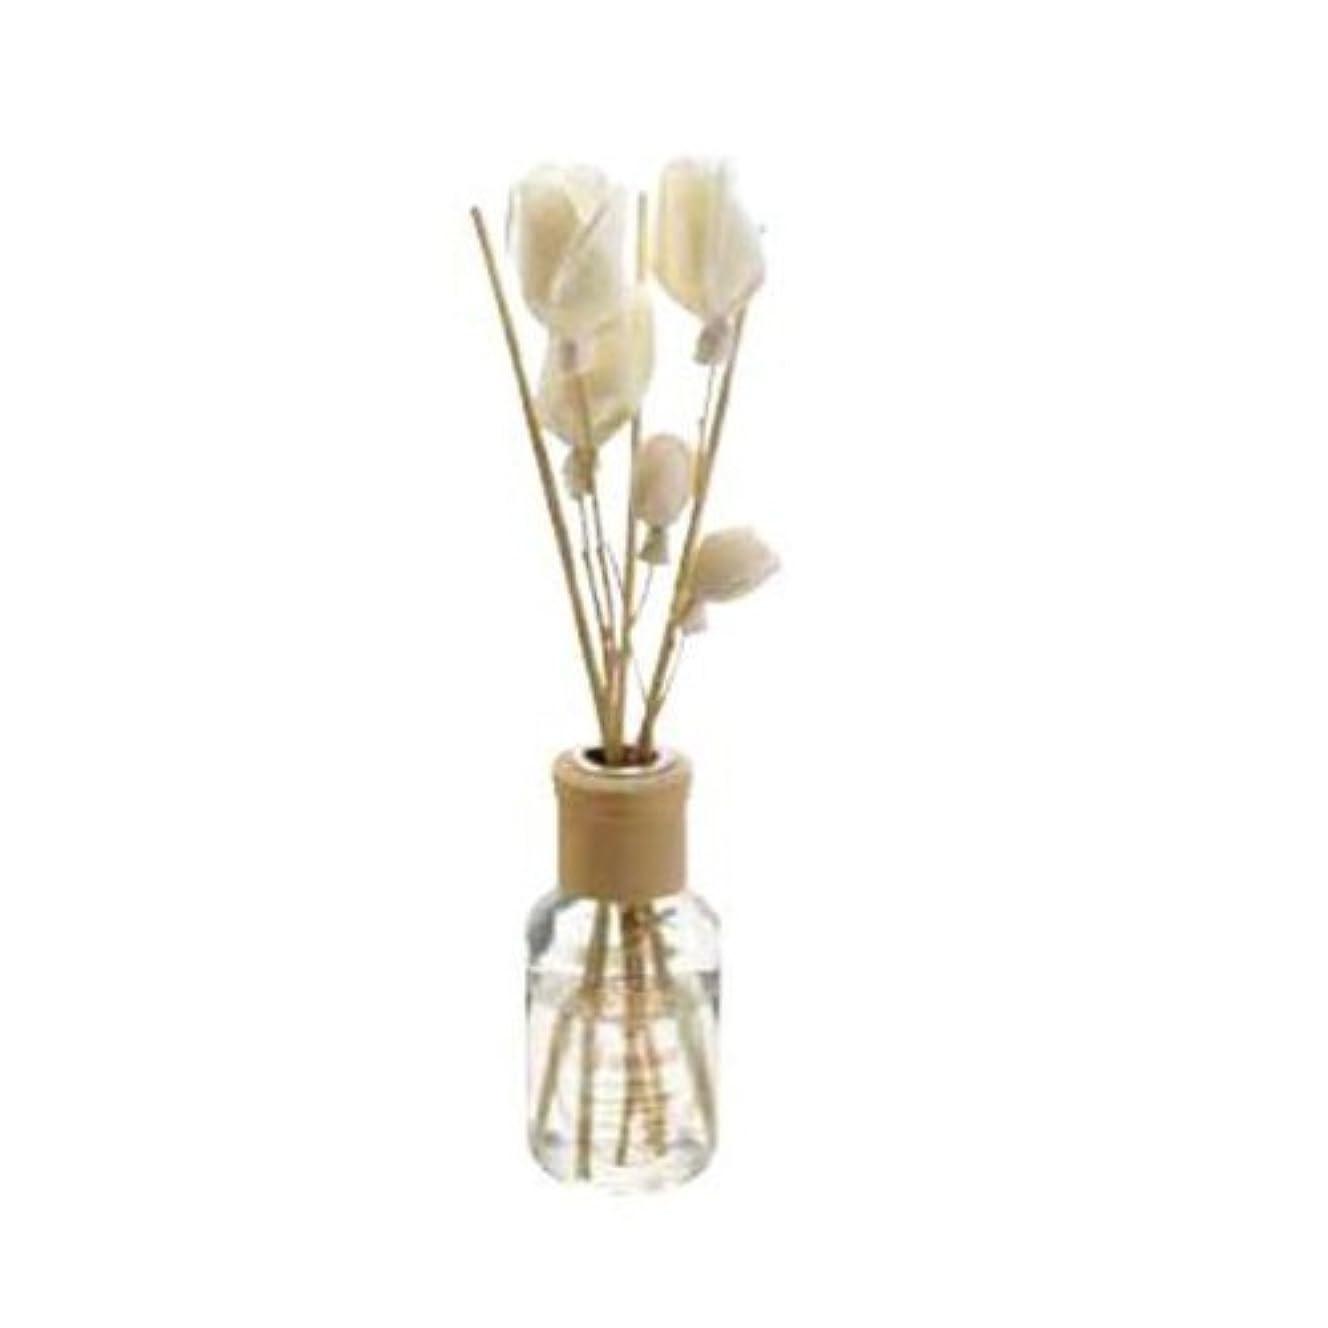 著作権漁師実際グレース サンクタム フラワー ディフューザー [ ルームフレグランス ] goody grams GRACE SANCTUM Flower Diffuser 《 ROSE/ROSE BOWL 》